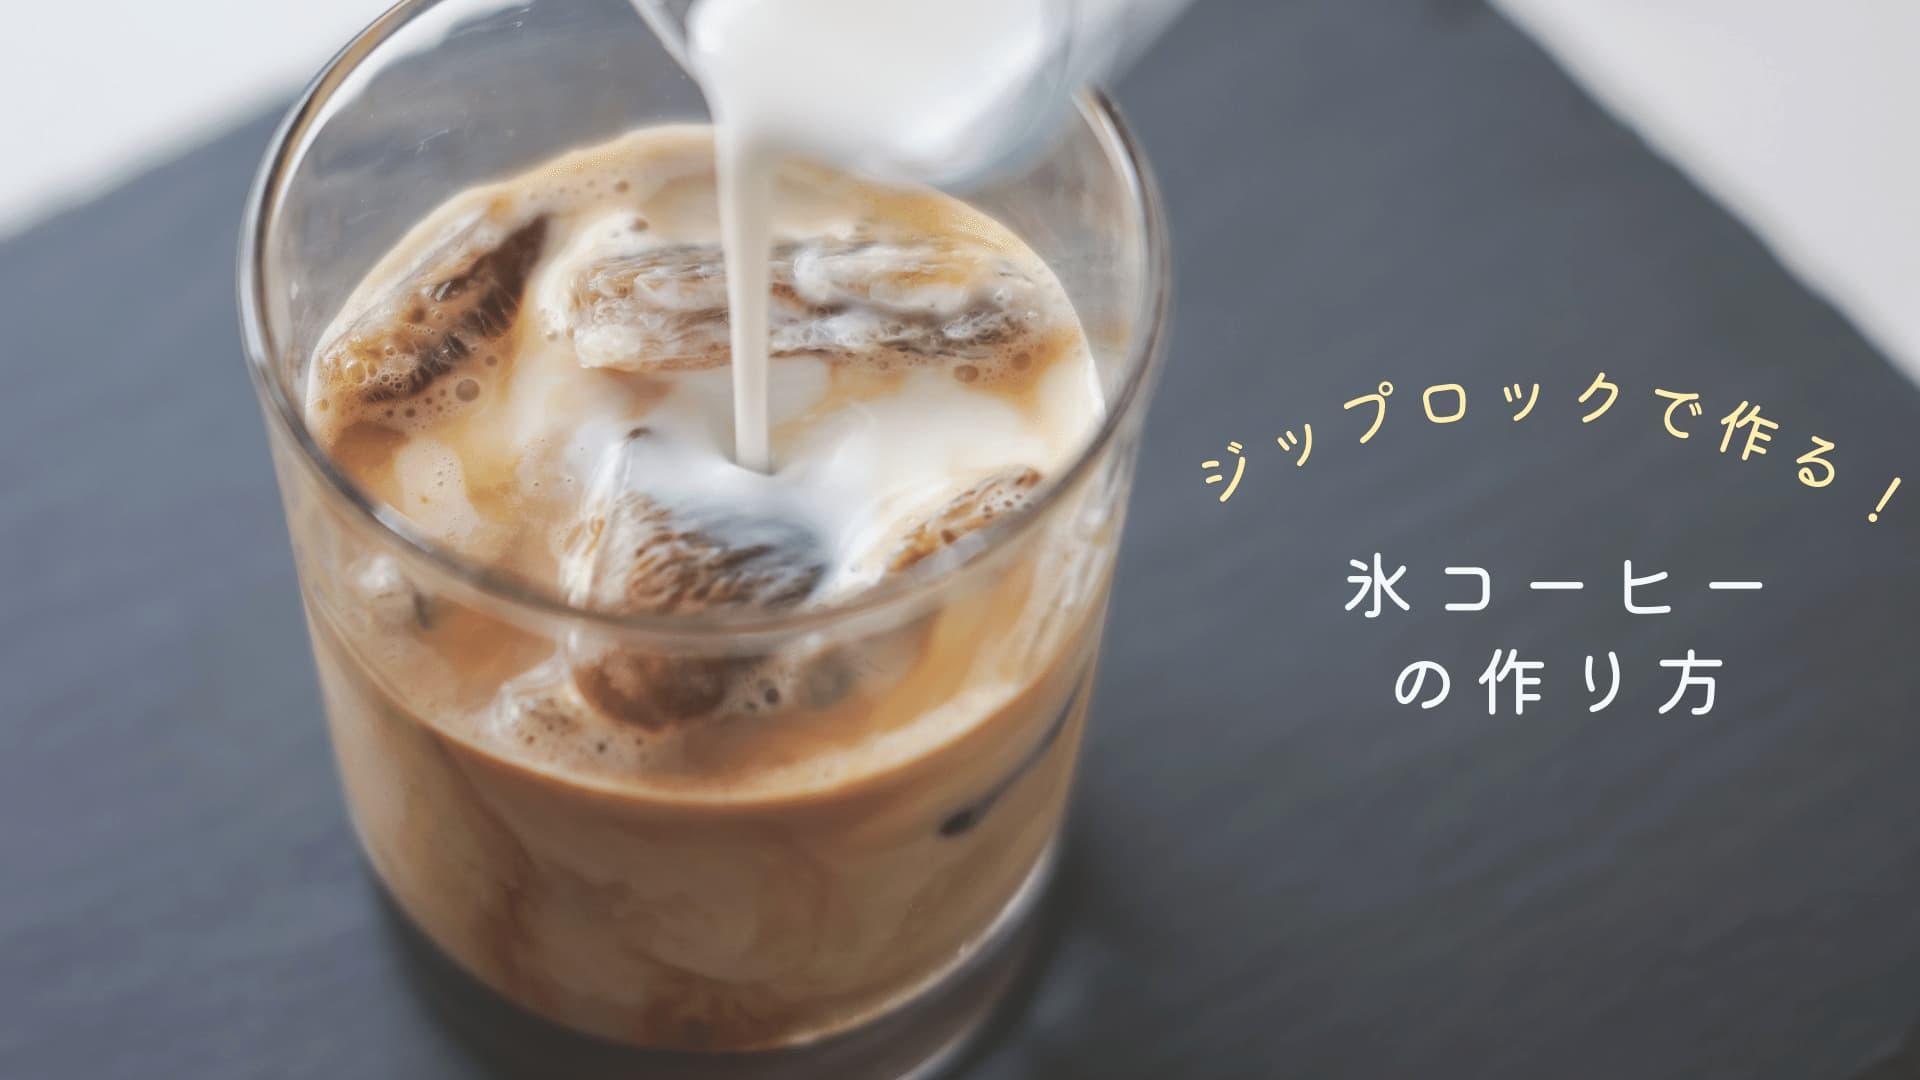 氷コーヒーの作り方サムネイル